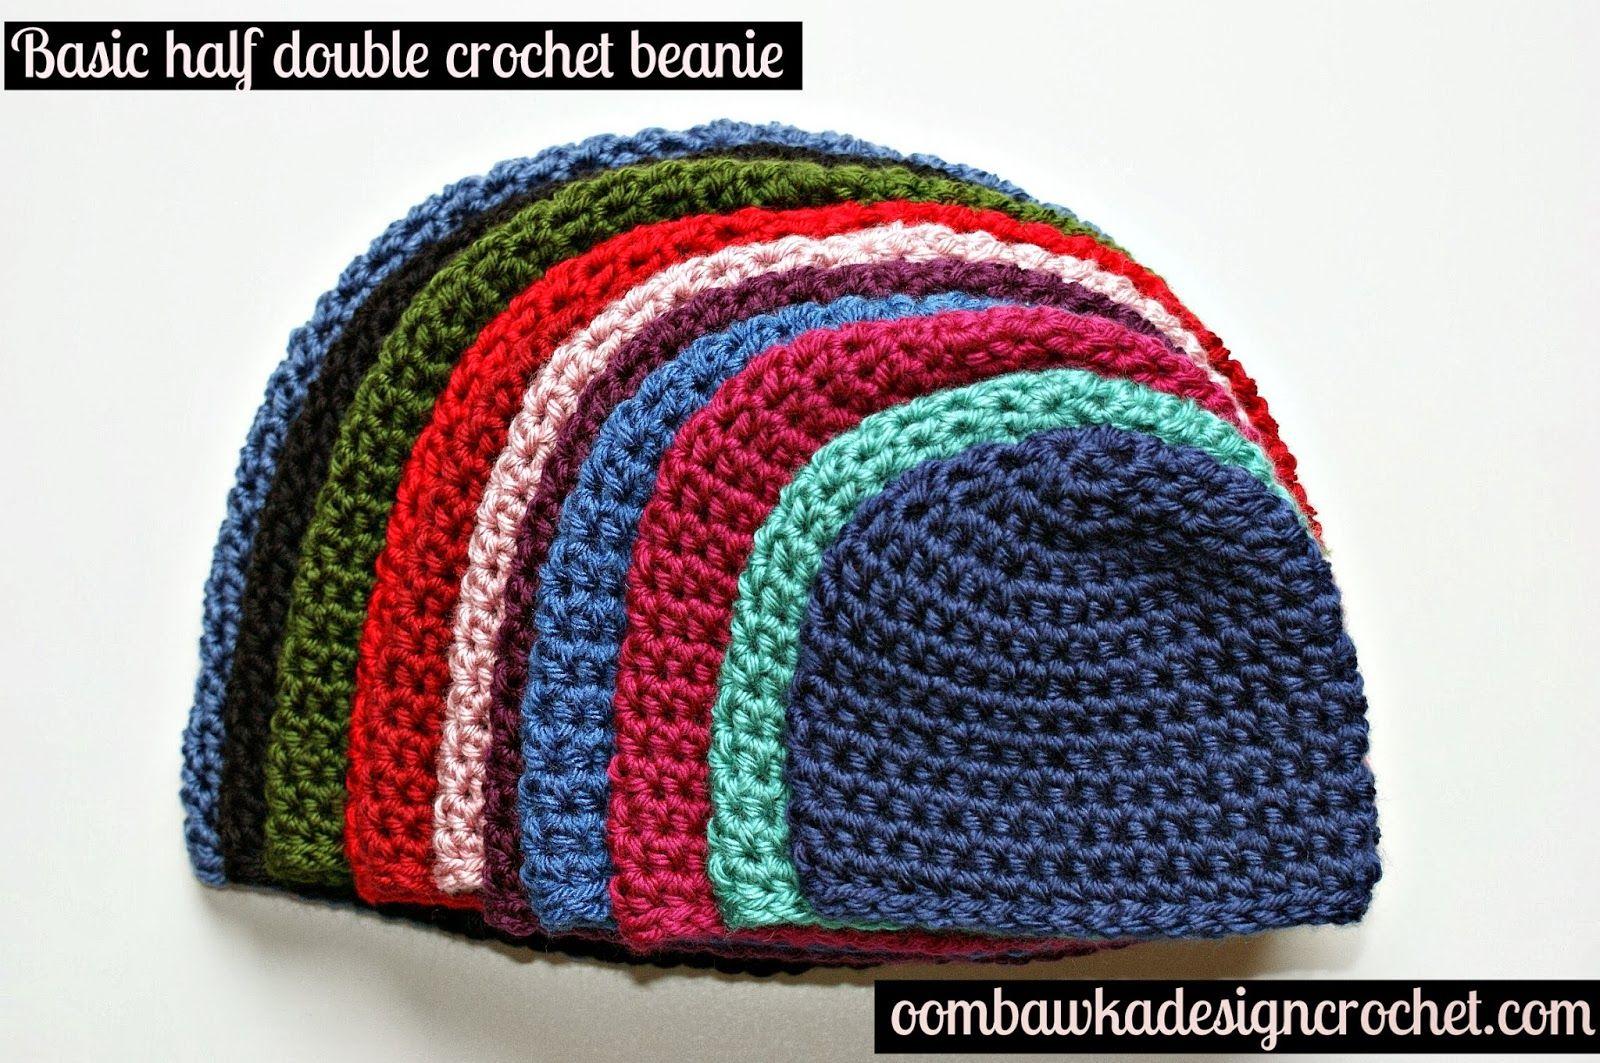 Simple half double crochet basic beanie